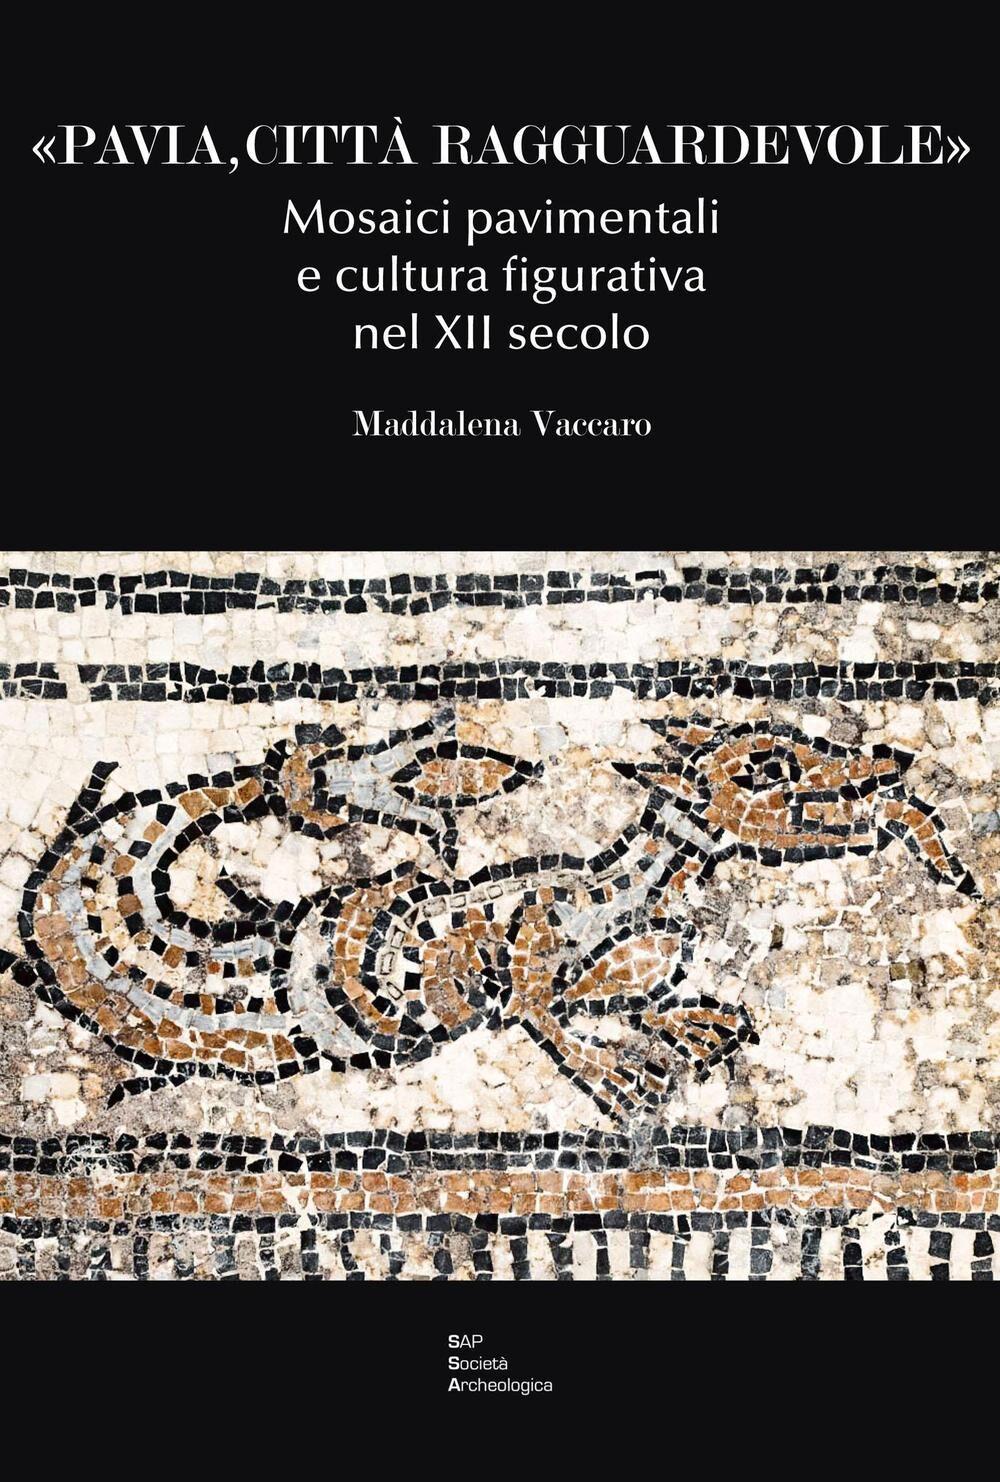 «Pavia, città ragguardevole». Mosaici pavimentali e cultura figurativa nel XII secolo